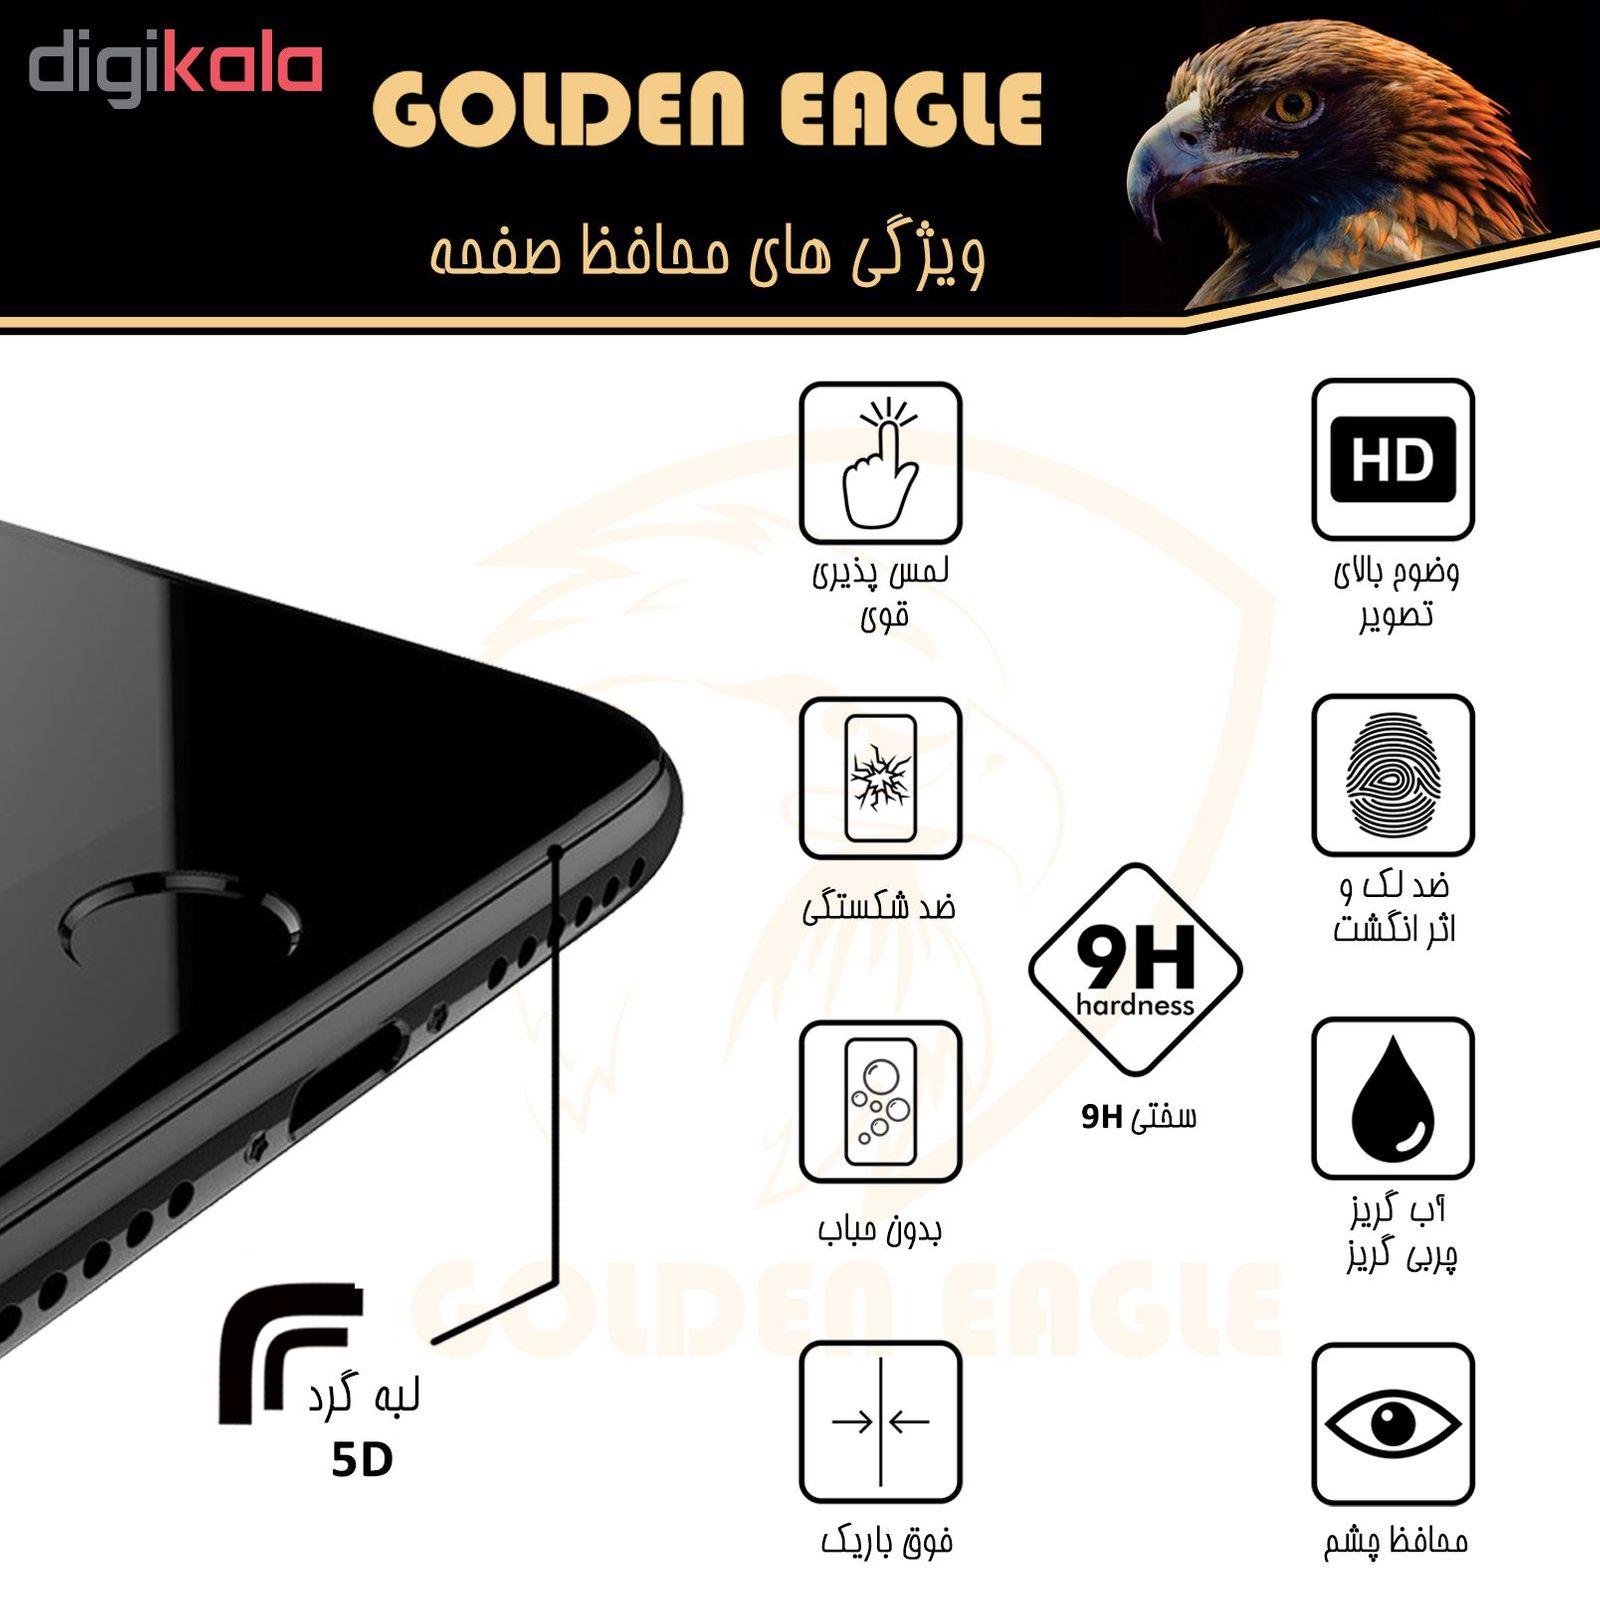 محافظ صفحه نمایش گلدن ایگل مدل DFC-X3 مناسب برای گوشی موبایل سامسونگ Galaxy A70 بسته سه عددی main 1 3